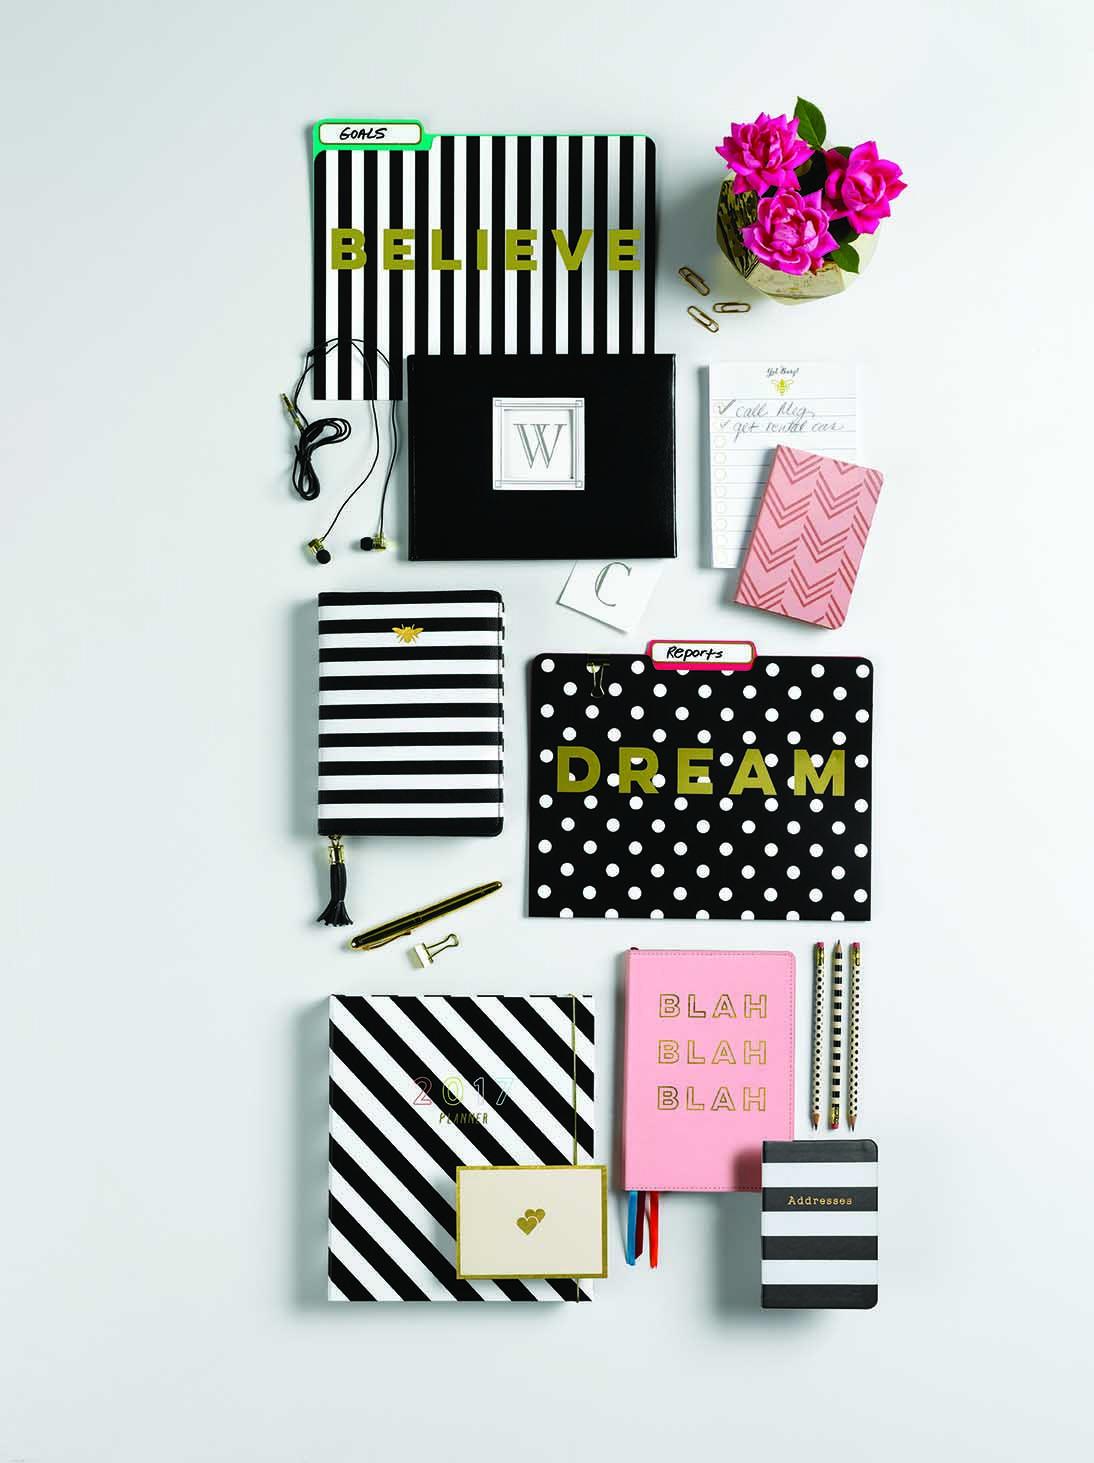 decorative file folders